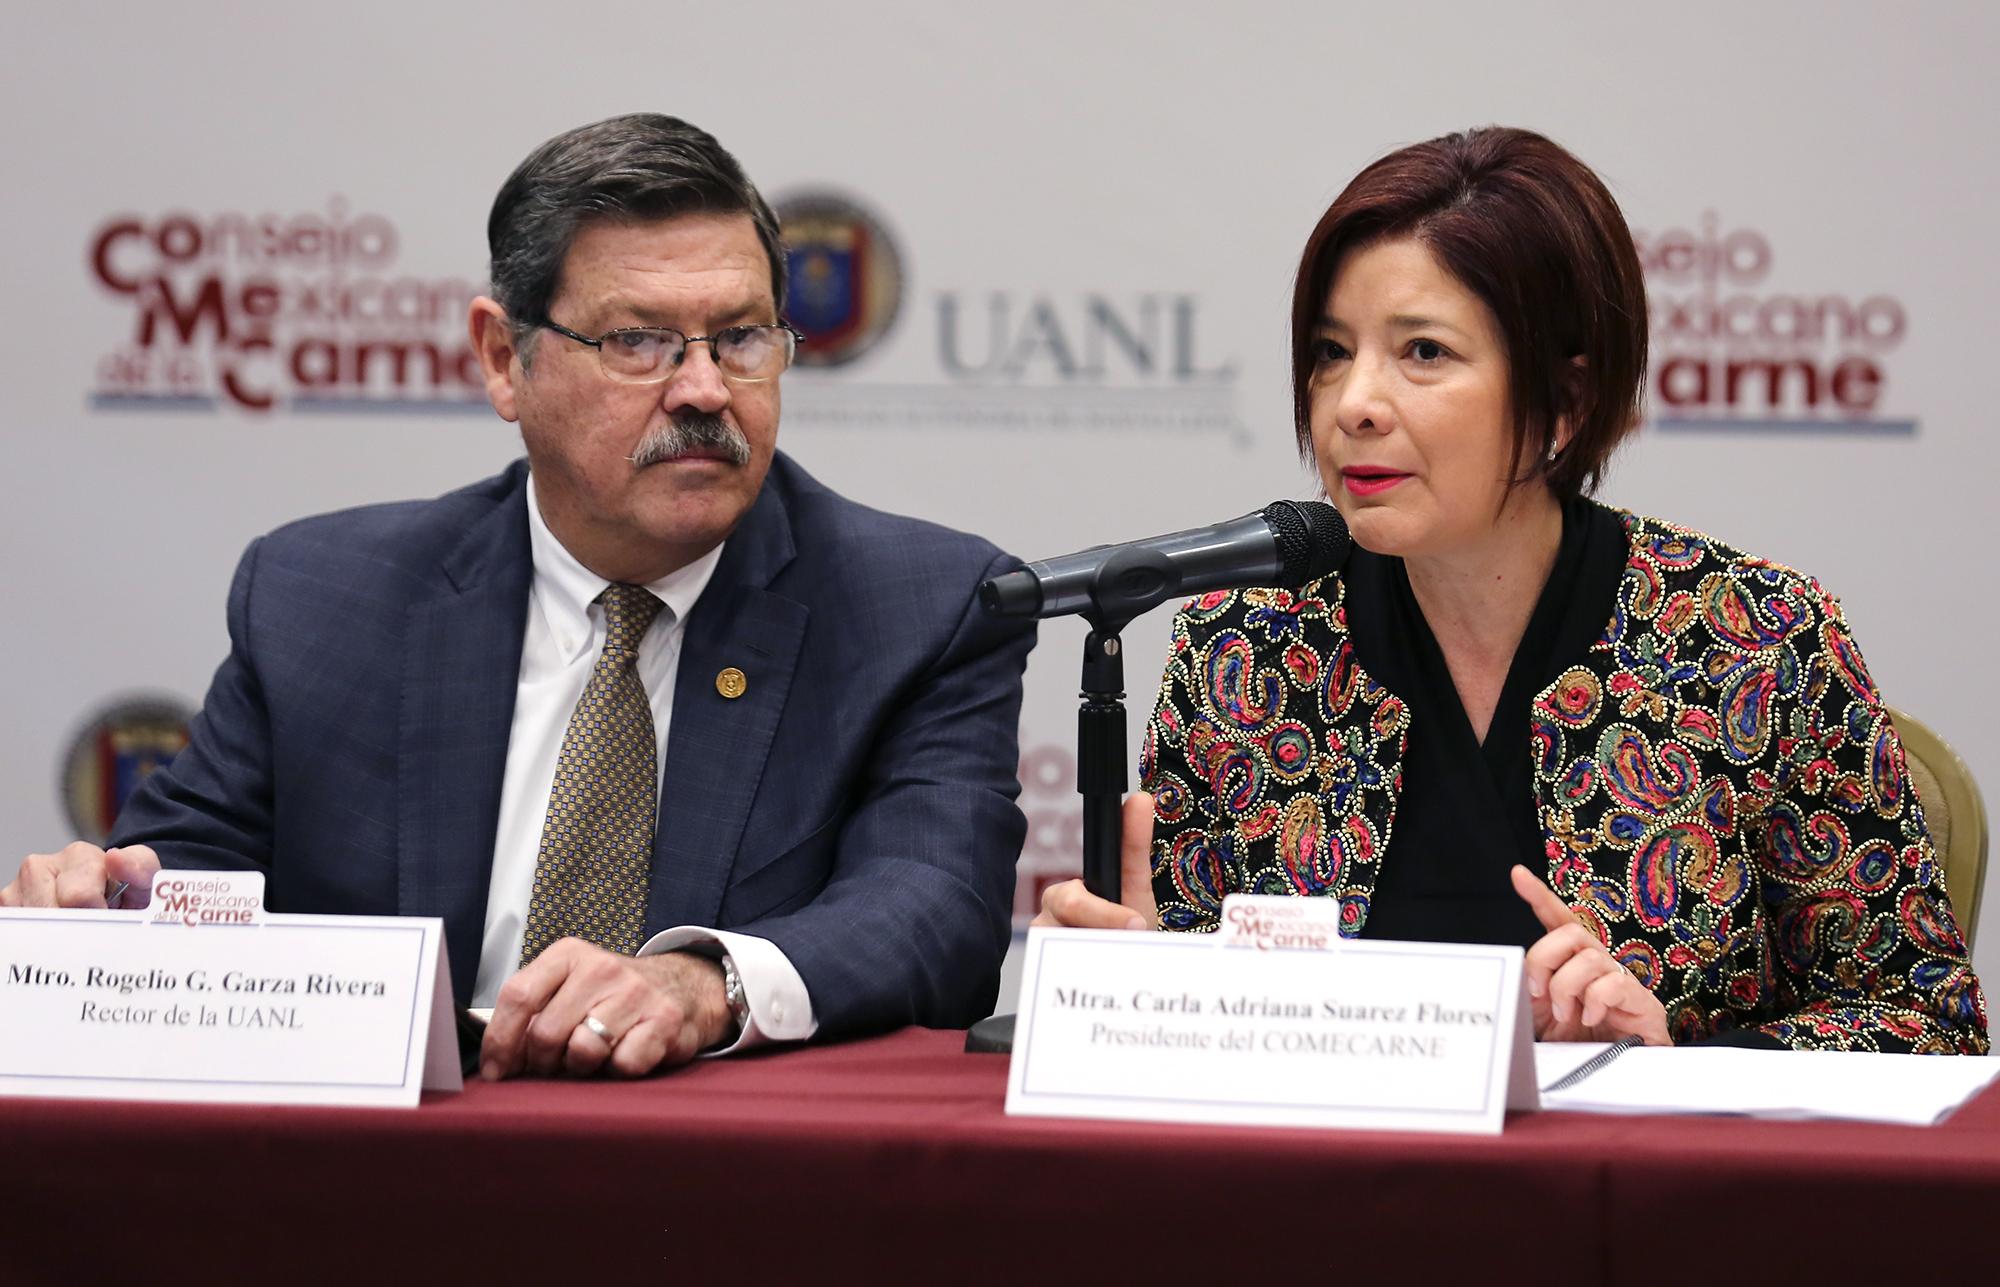 Carla Adriana Suárez Flores, Presidenta de COMECARNE